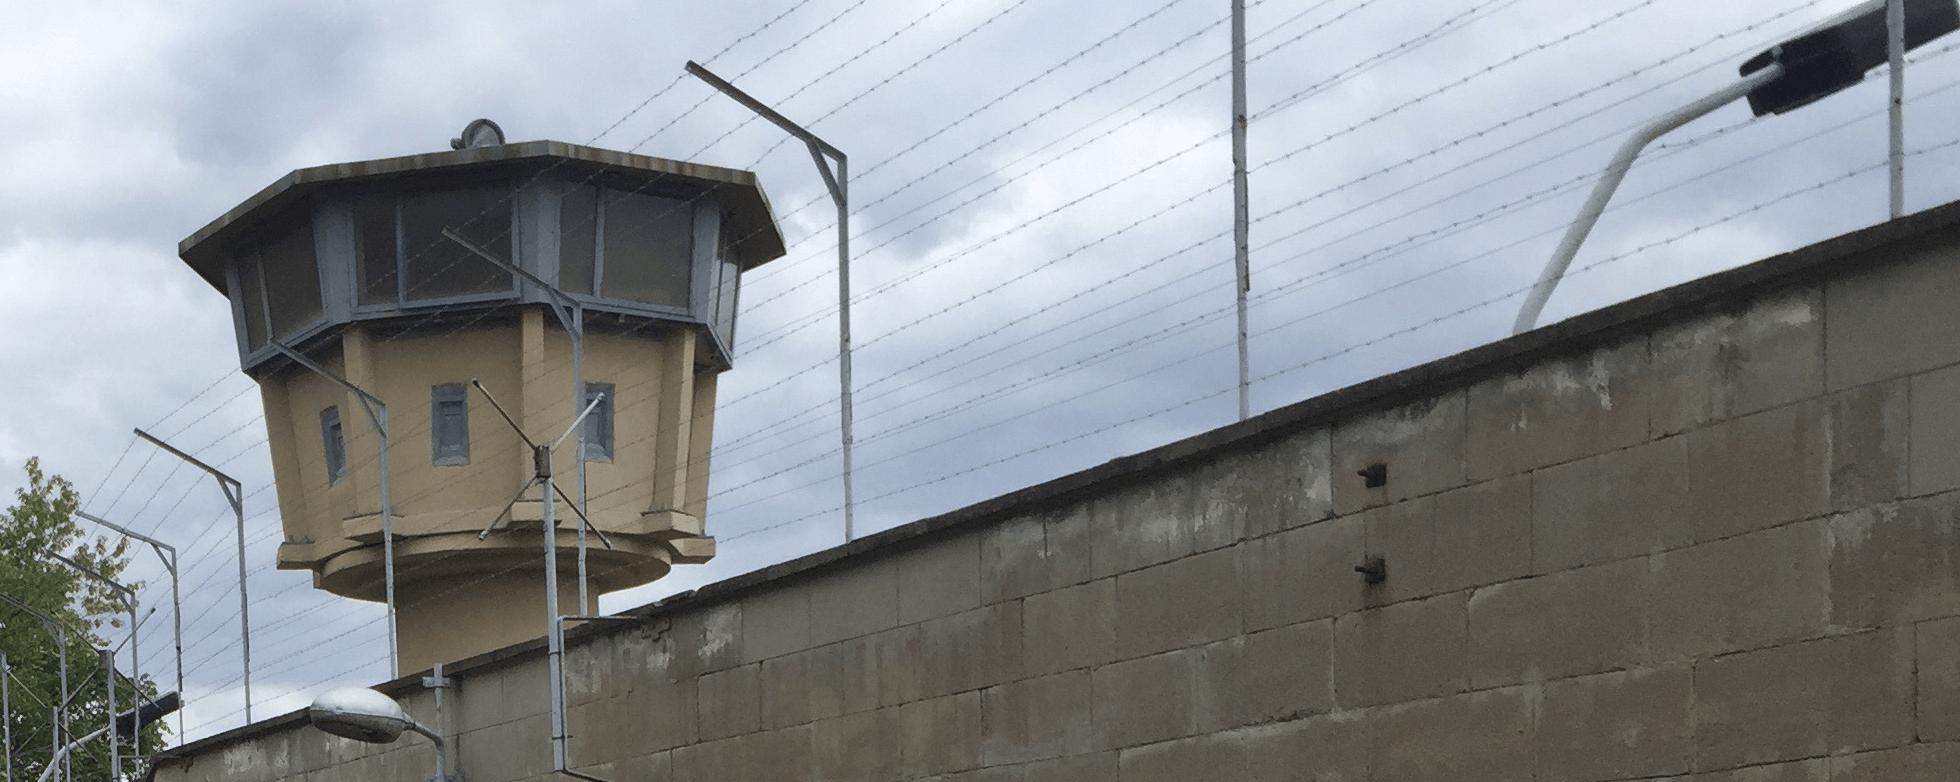 Stasi-Knast: Willkommen in der Hölle